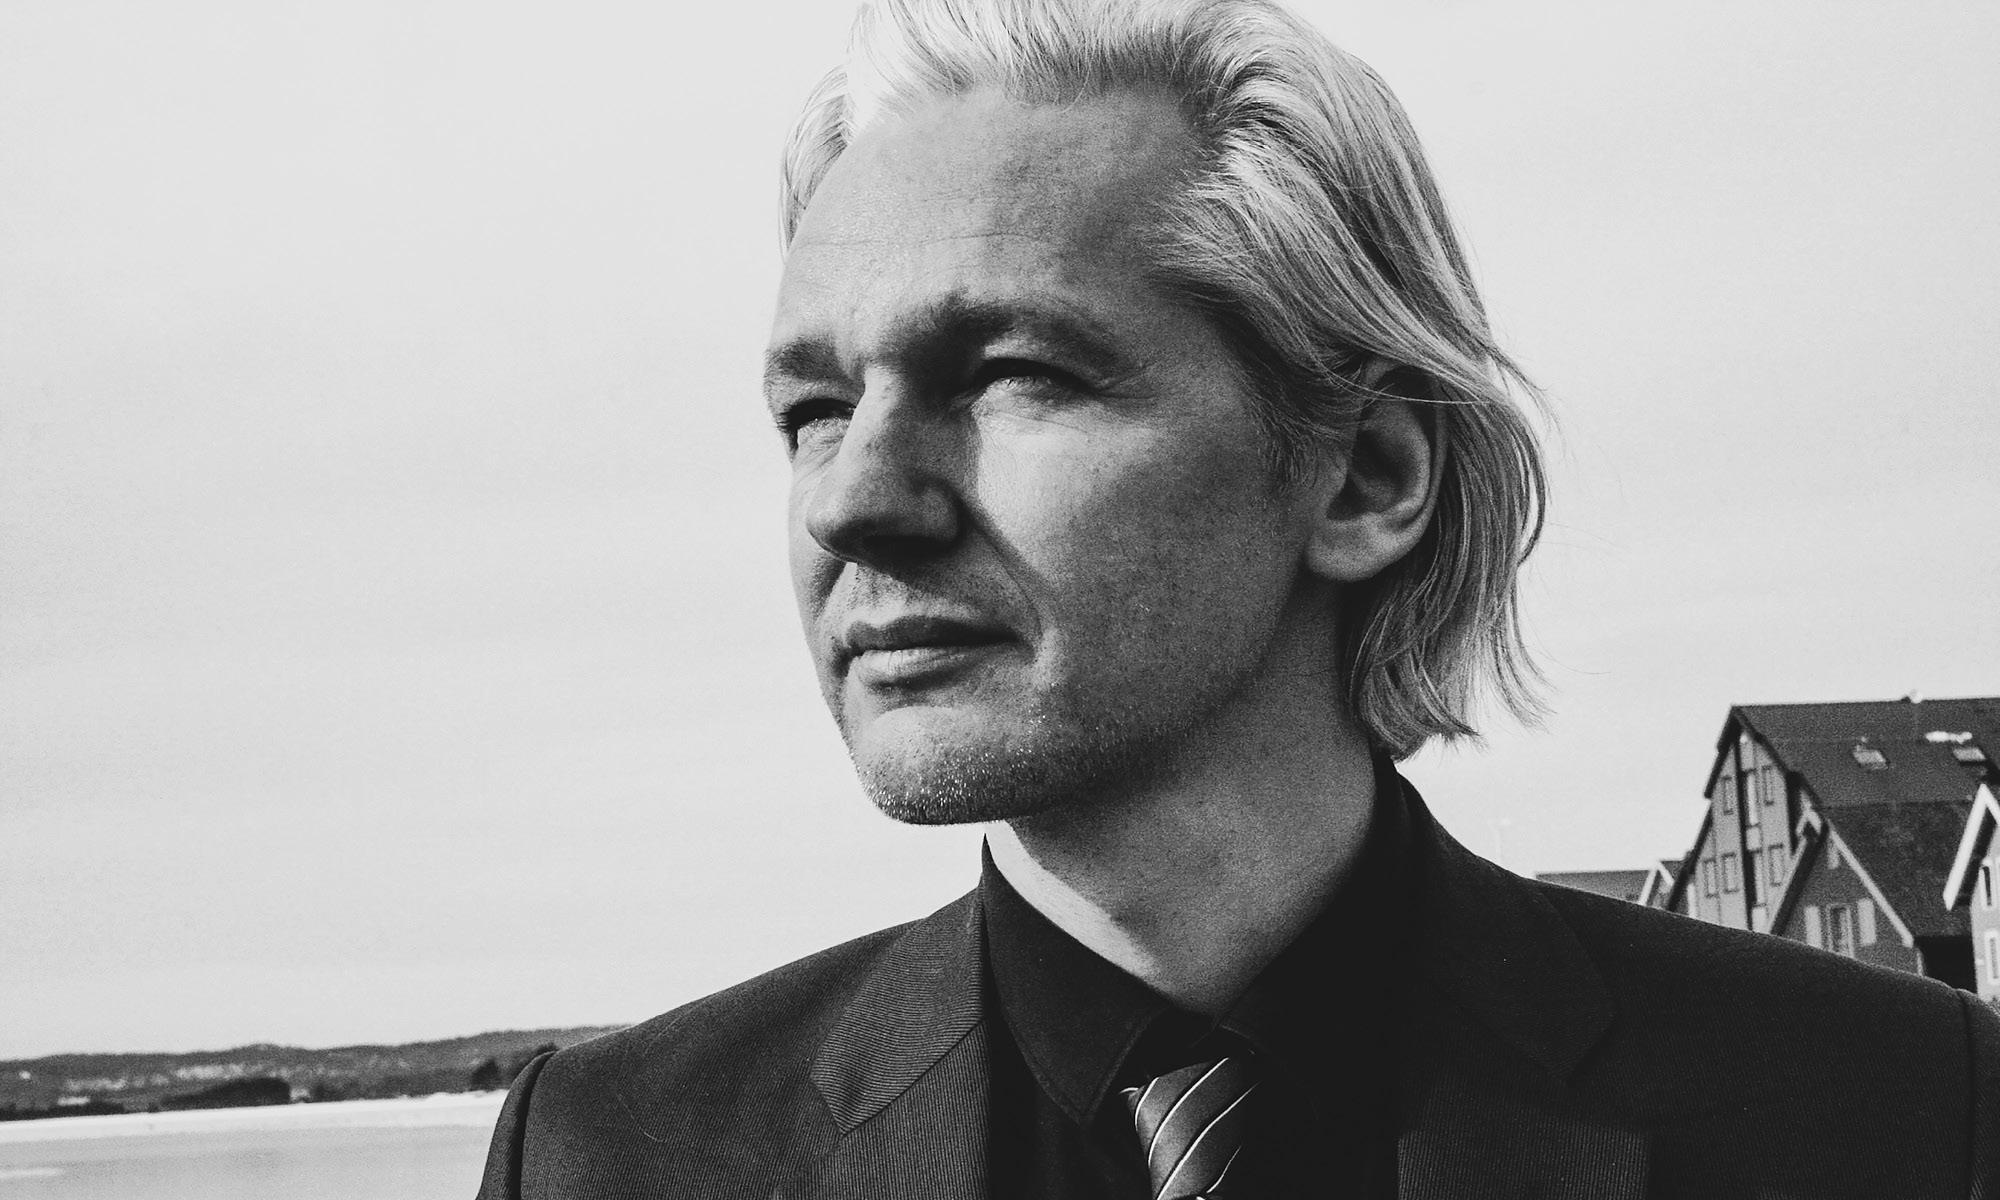 Der Fall Assange: Unser Schweigen, unsere Komplizenschaft